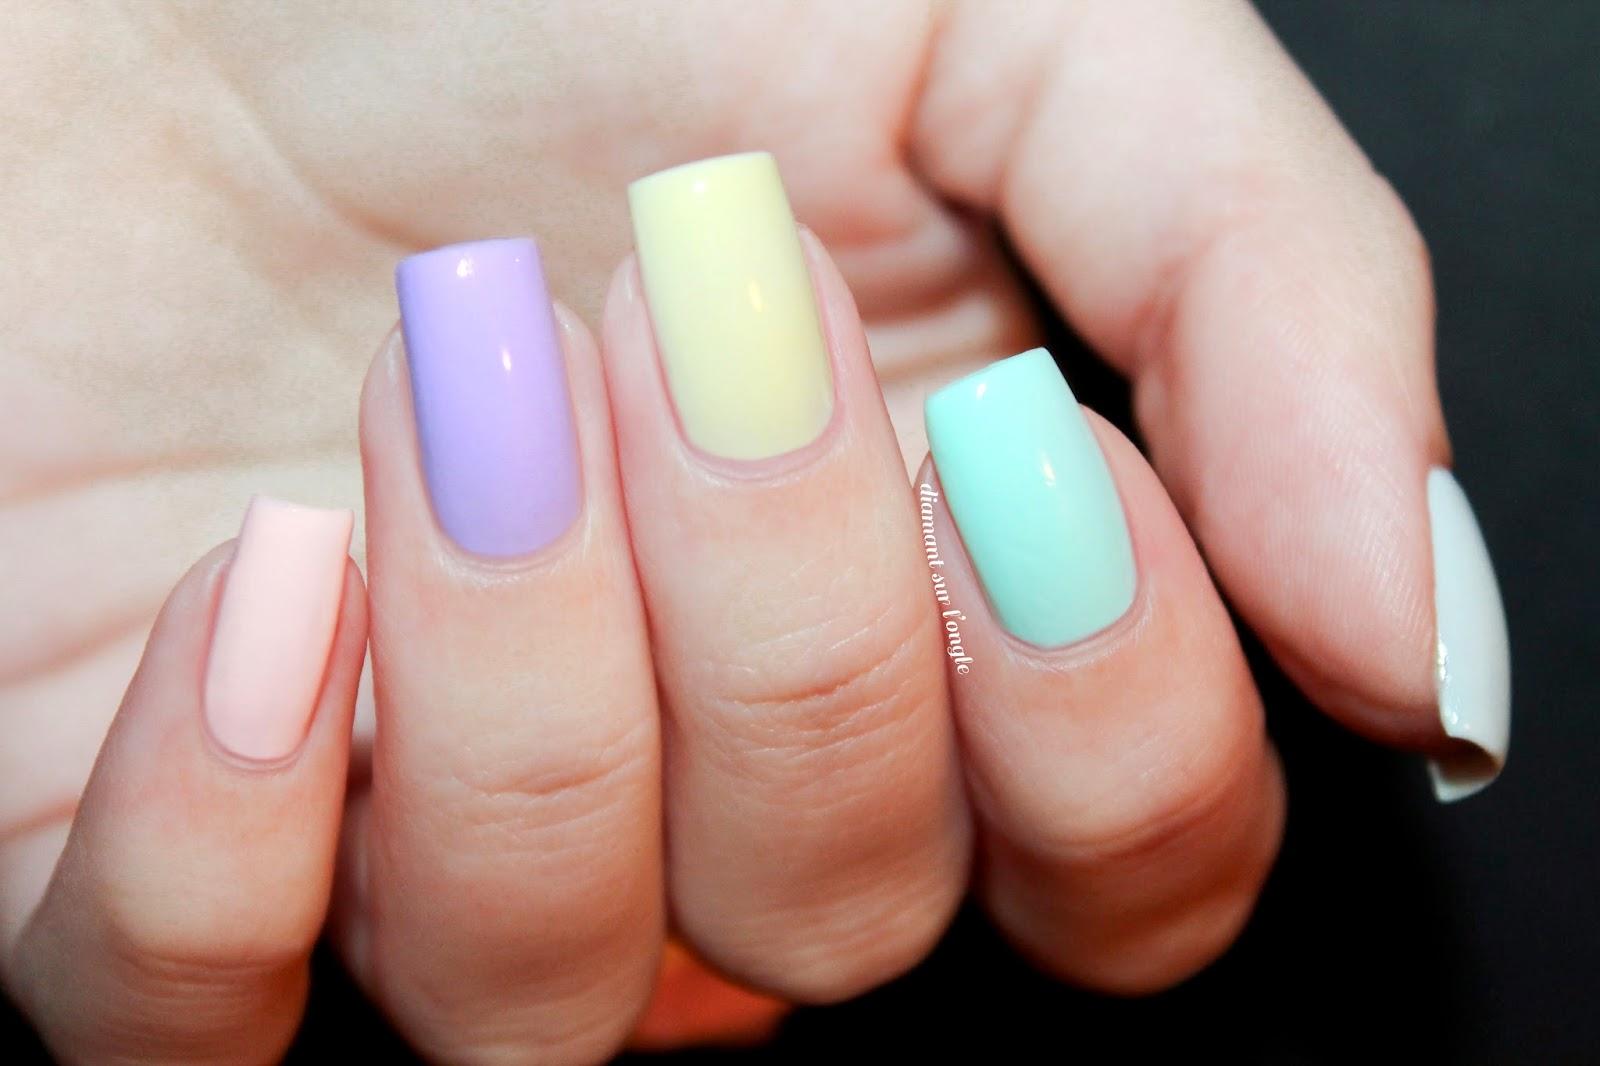 Skittle Rainbow Pastel Nail Art